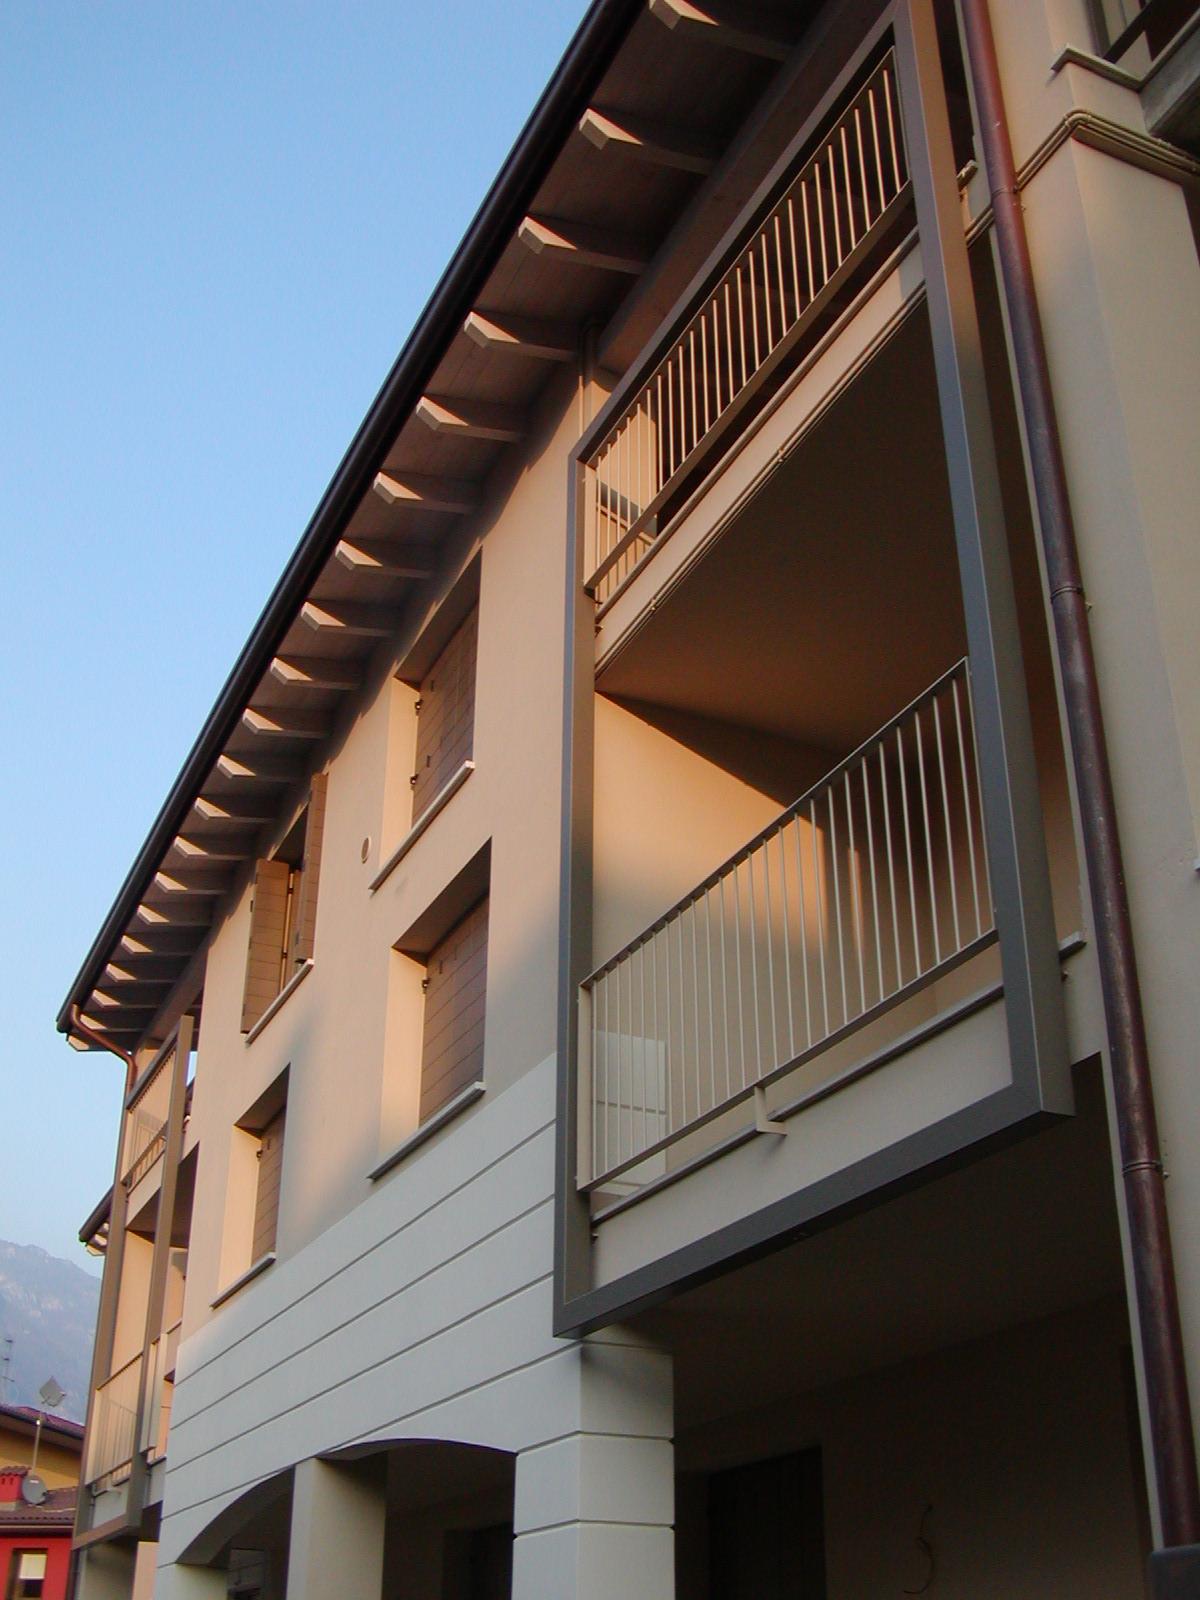 Studio-di-architettura-Baisotti-Sigala-prgetti601